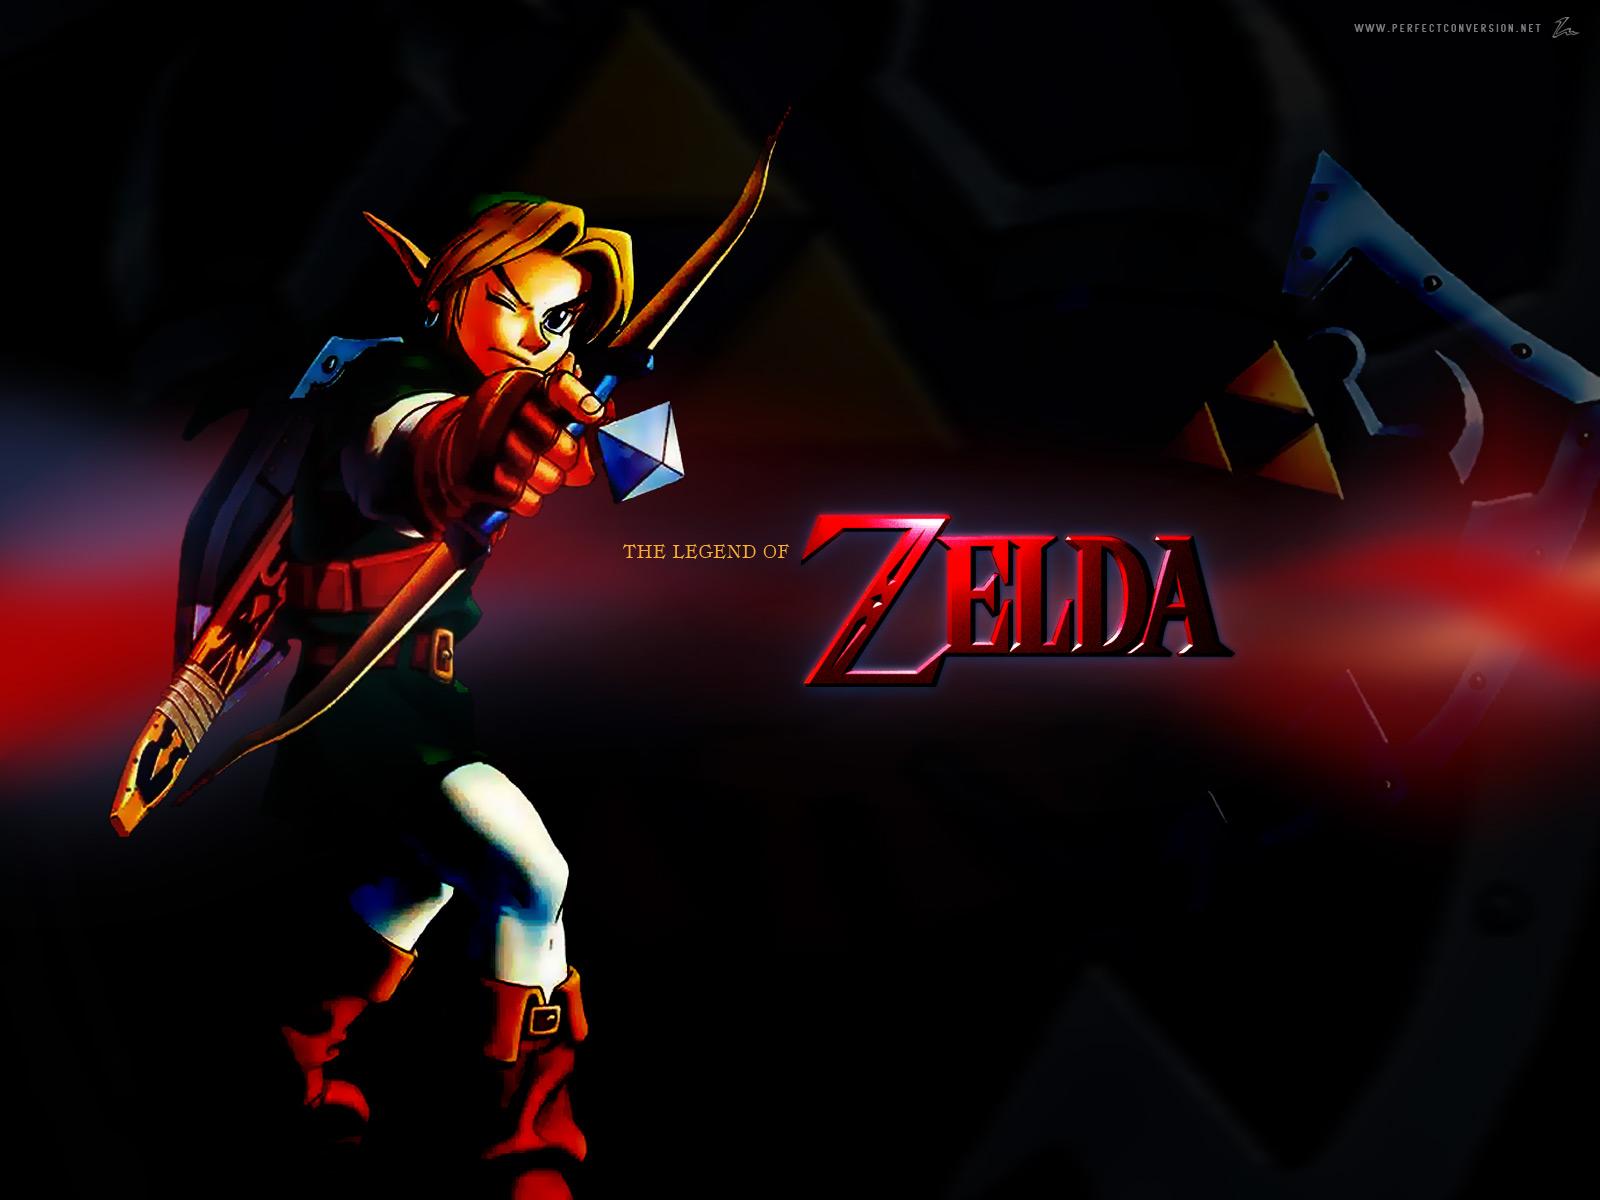 Noiserbox: The Legend Of Zelda Wallpapers